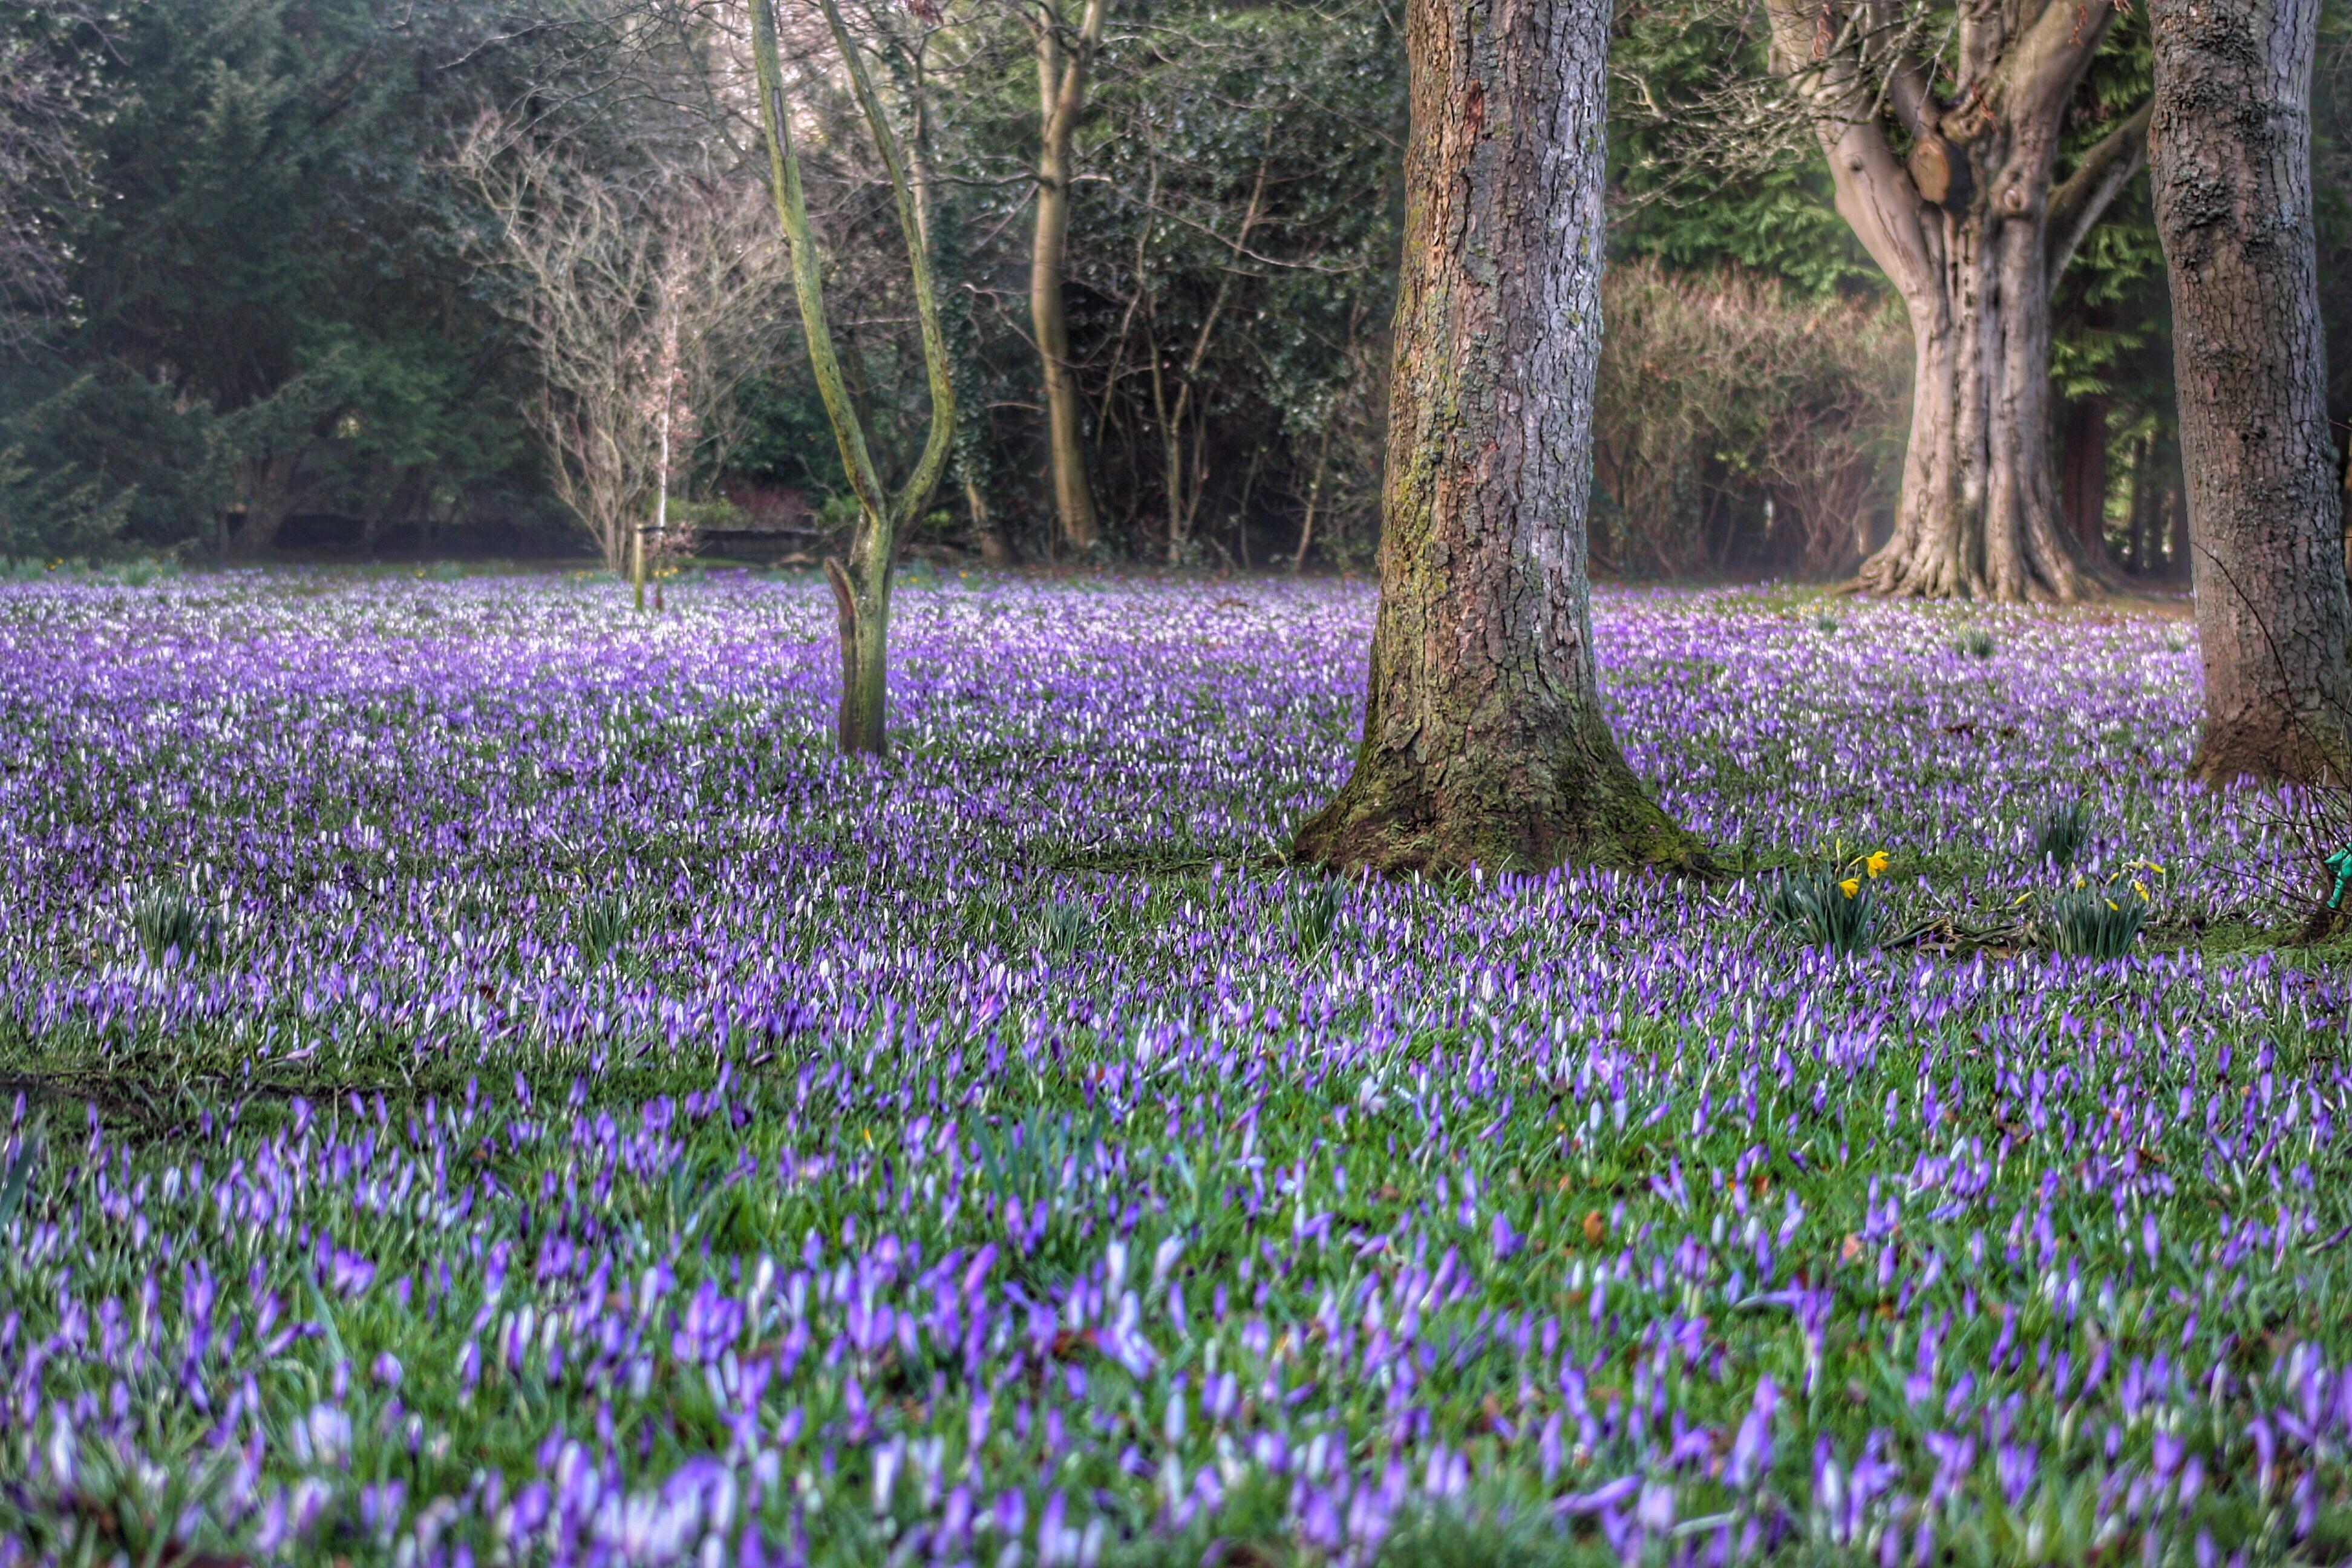 Fiori Gialli Scozia.Sfondi Crochi Tappeto Alberi All Aperto Fiori Petali Viola